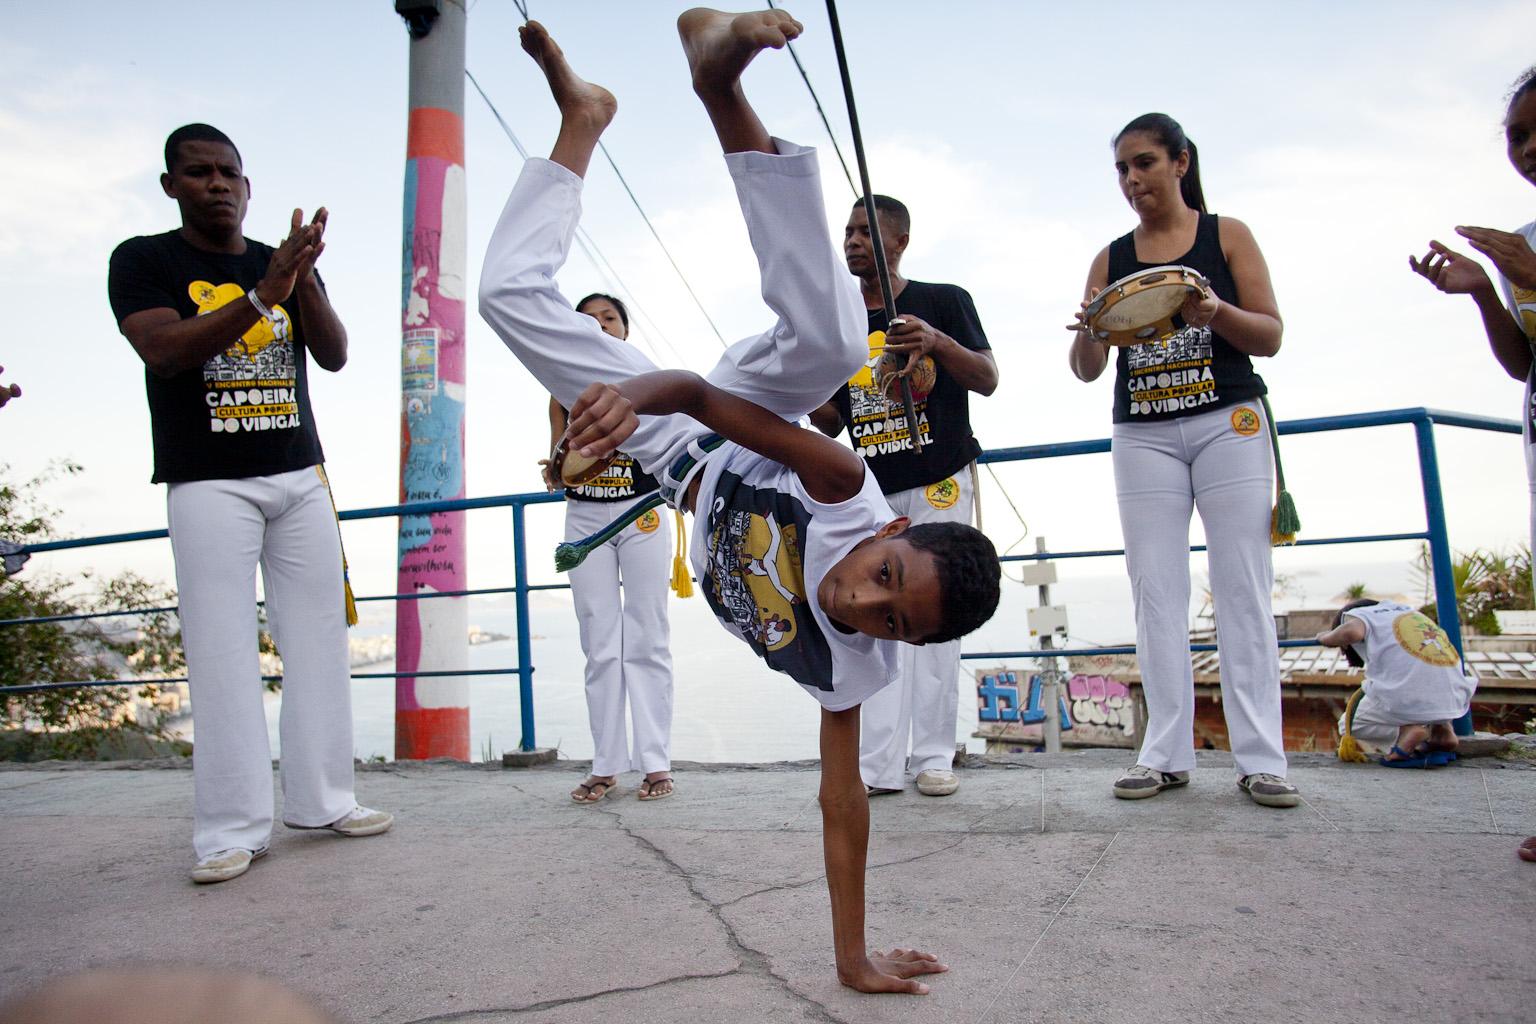 Capoeira social project in Vidigal favela in Rio de Janeiro